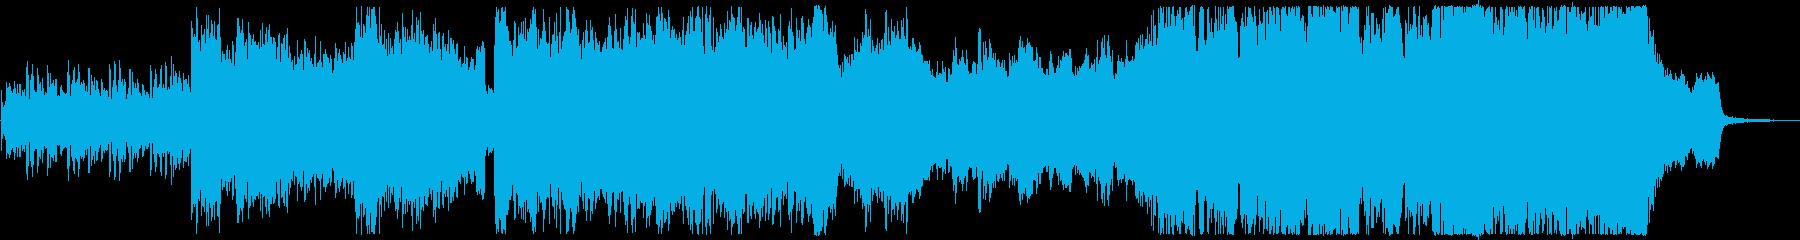 近未来、サイエンスを連想させるBGMの再生済みの波形